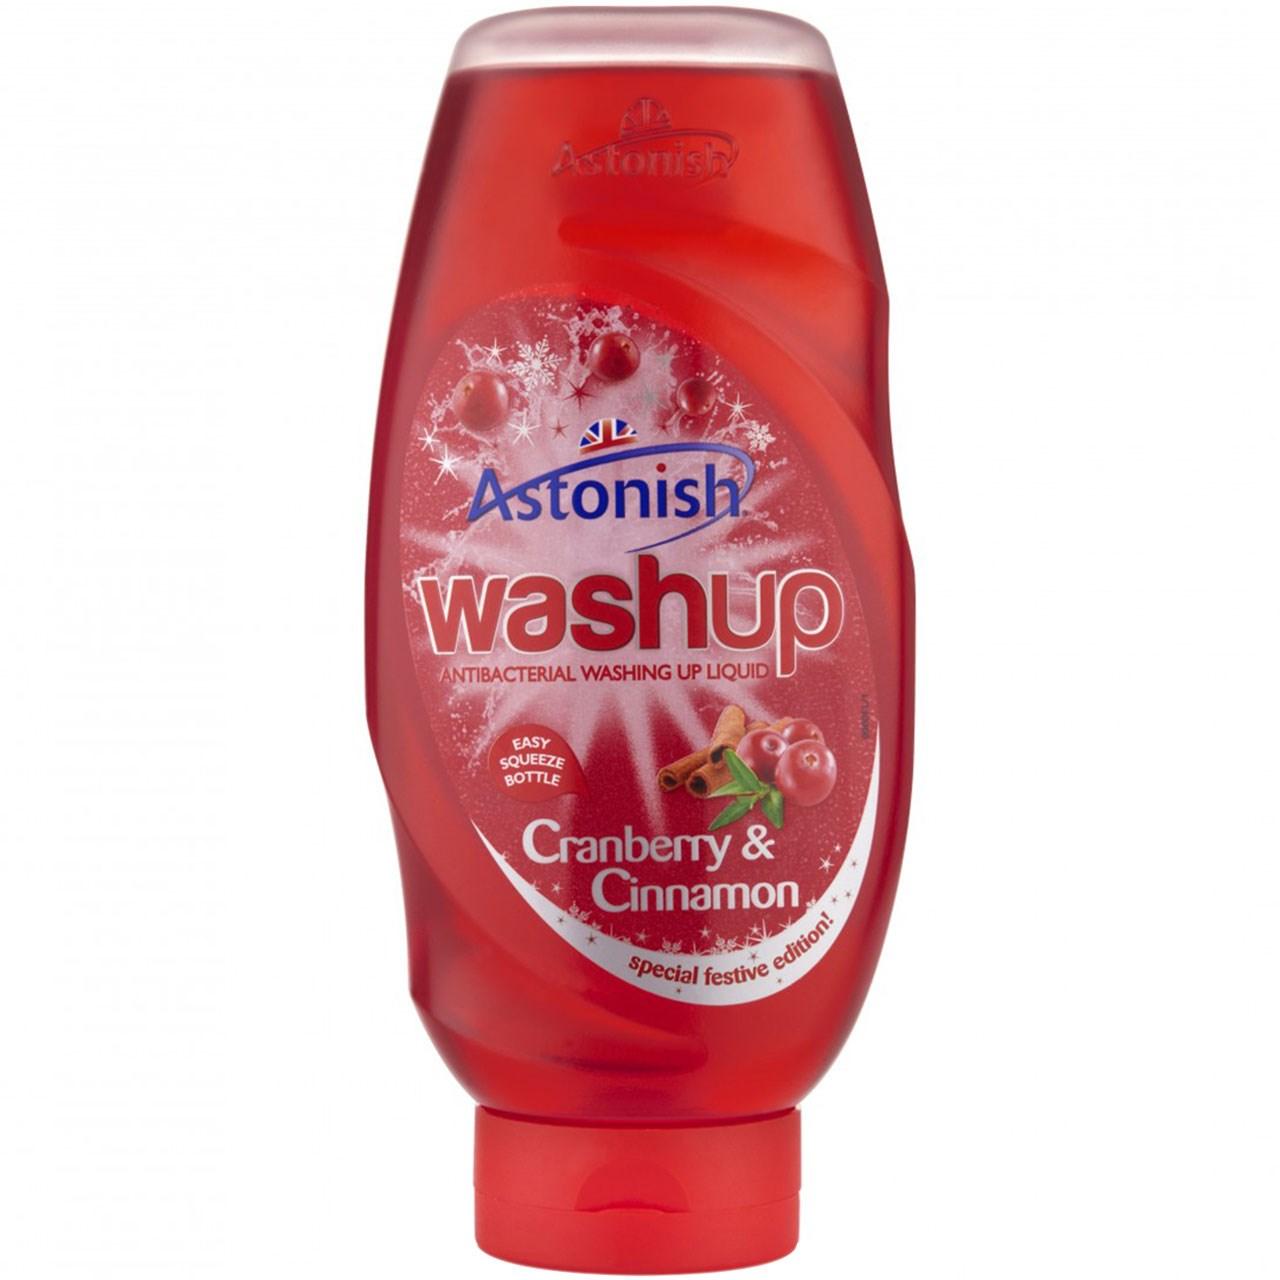 مایع ظرفشویی استونیش مدل Washup Cranberry And Cinnamon حجم 600 میلی لیتر